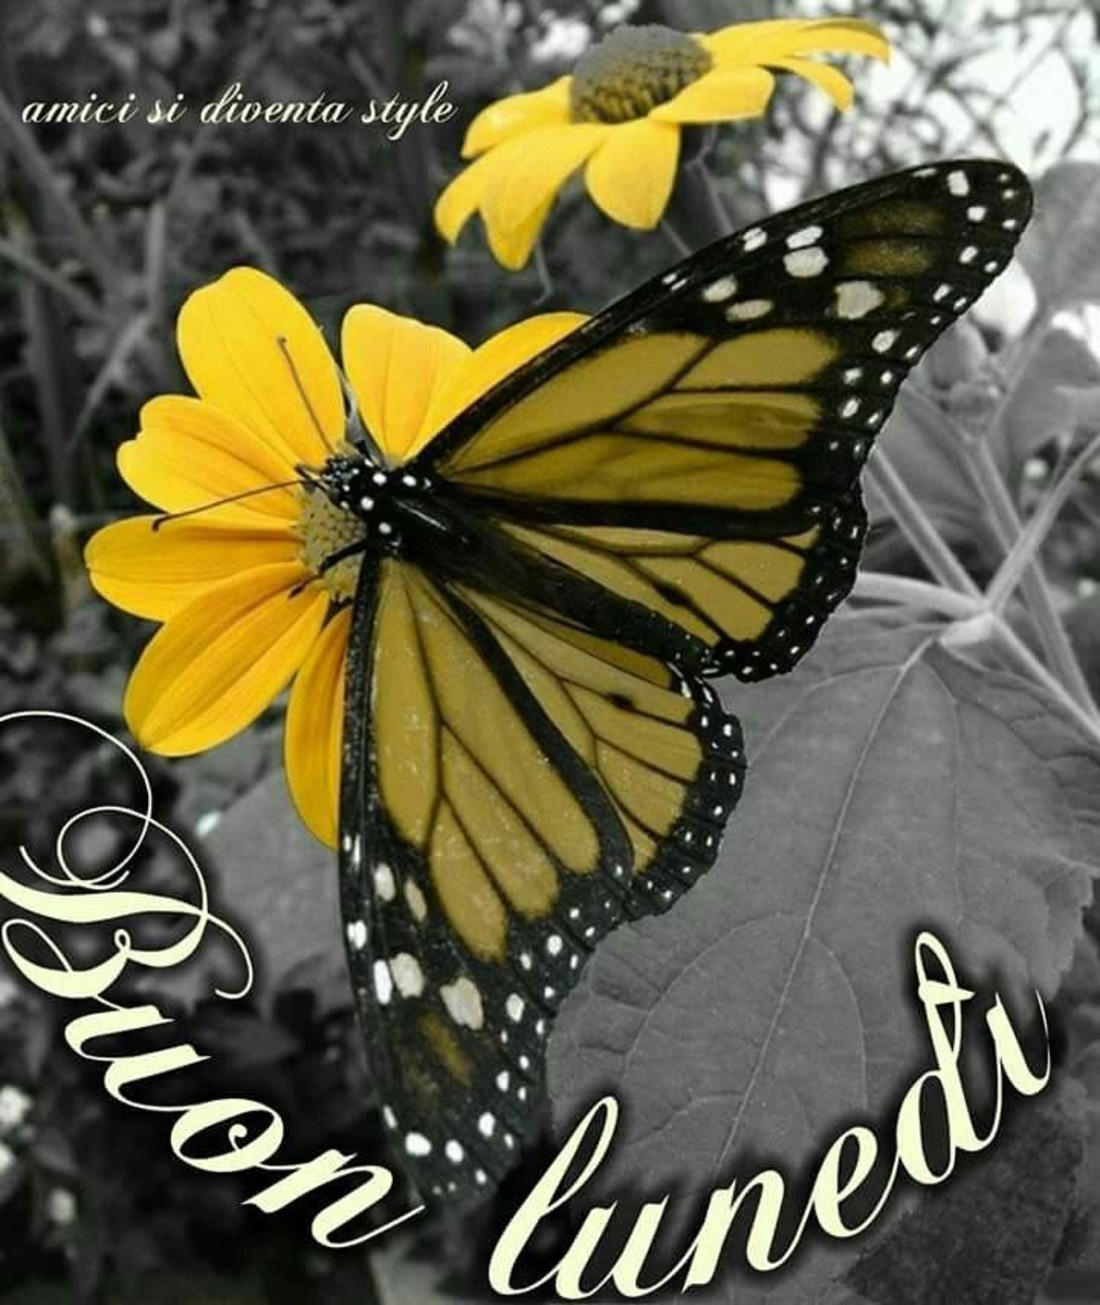 Immagini Buongiorno Buon Lunedi Farfalla